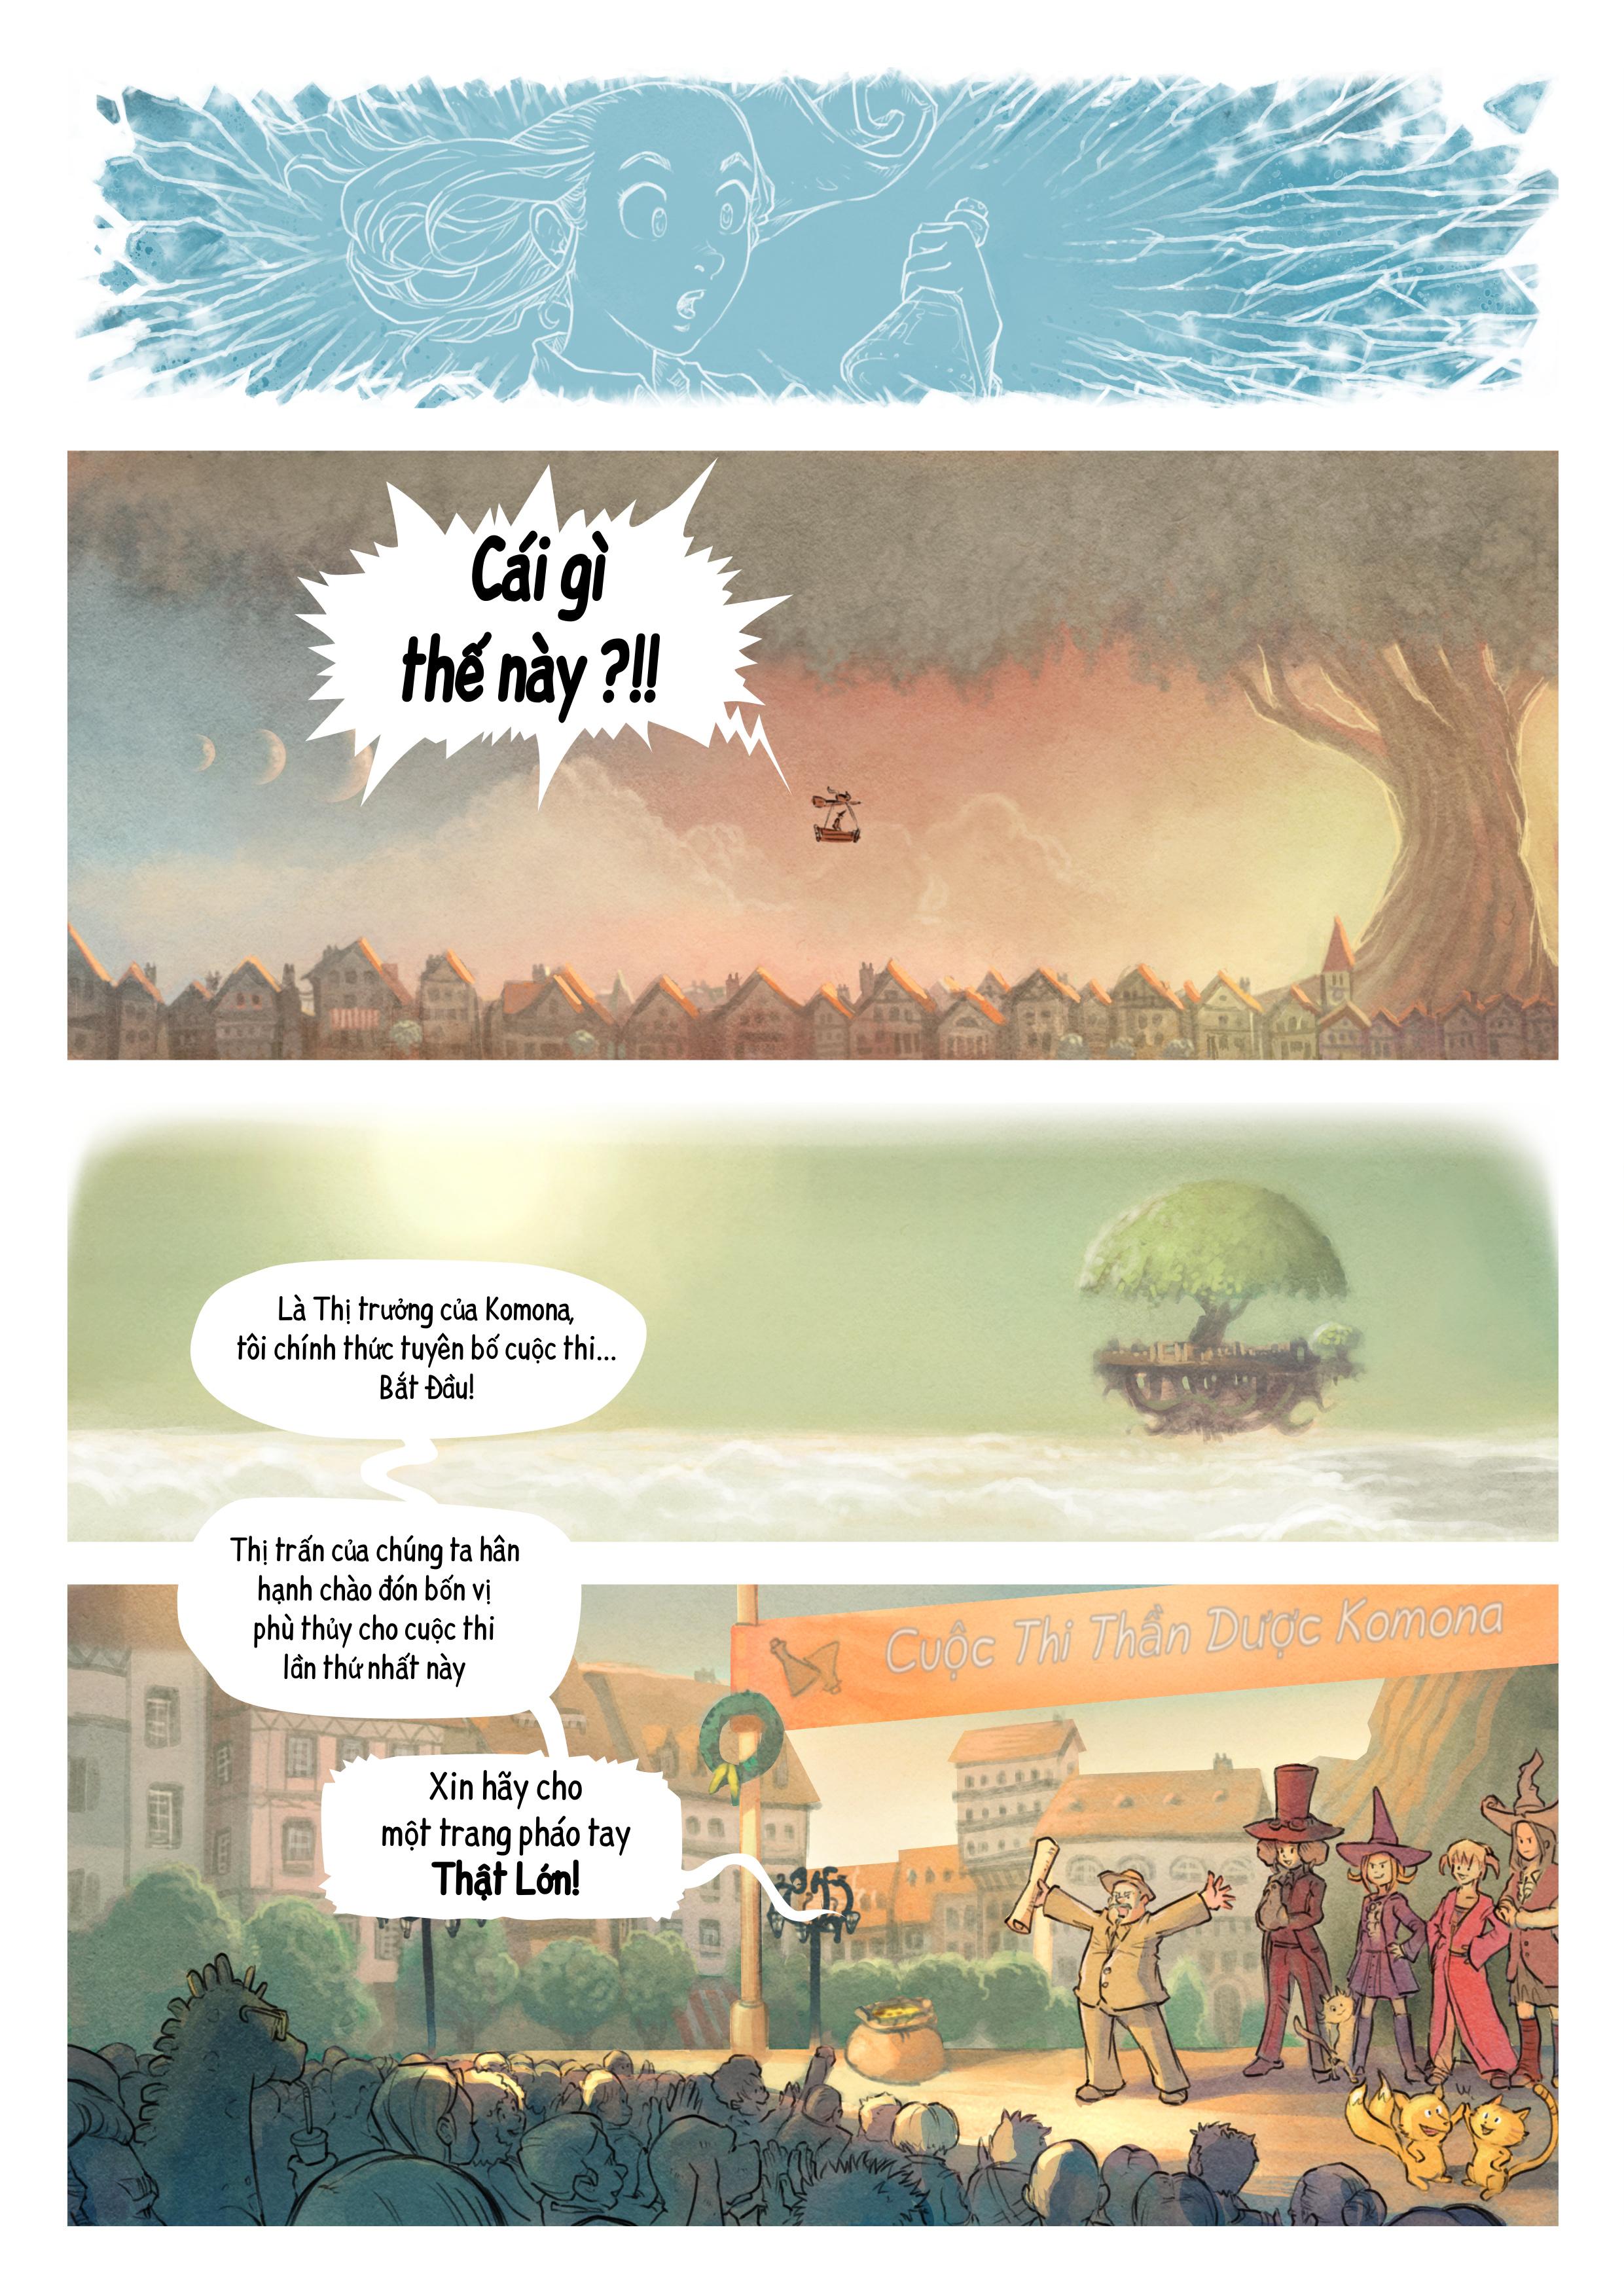 Tập 6: Cuộc Thi Thần Dược, Trang 3